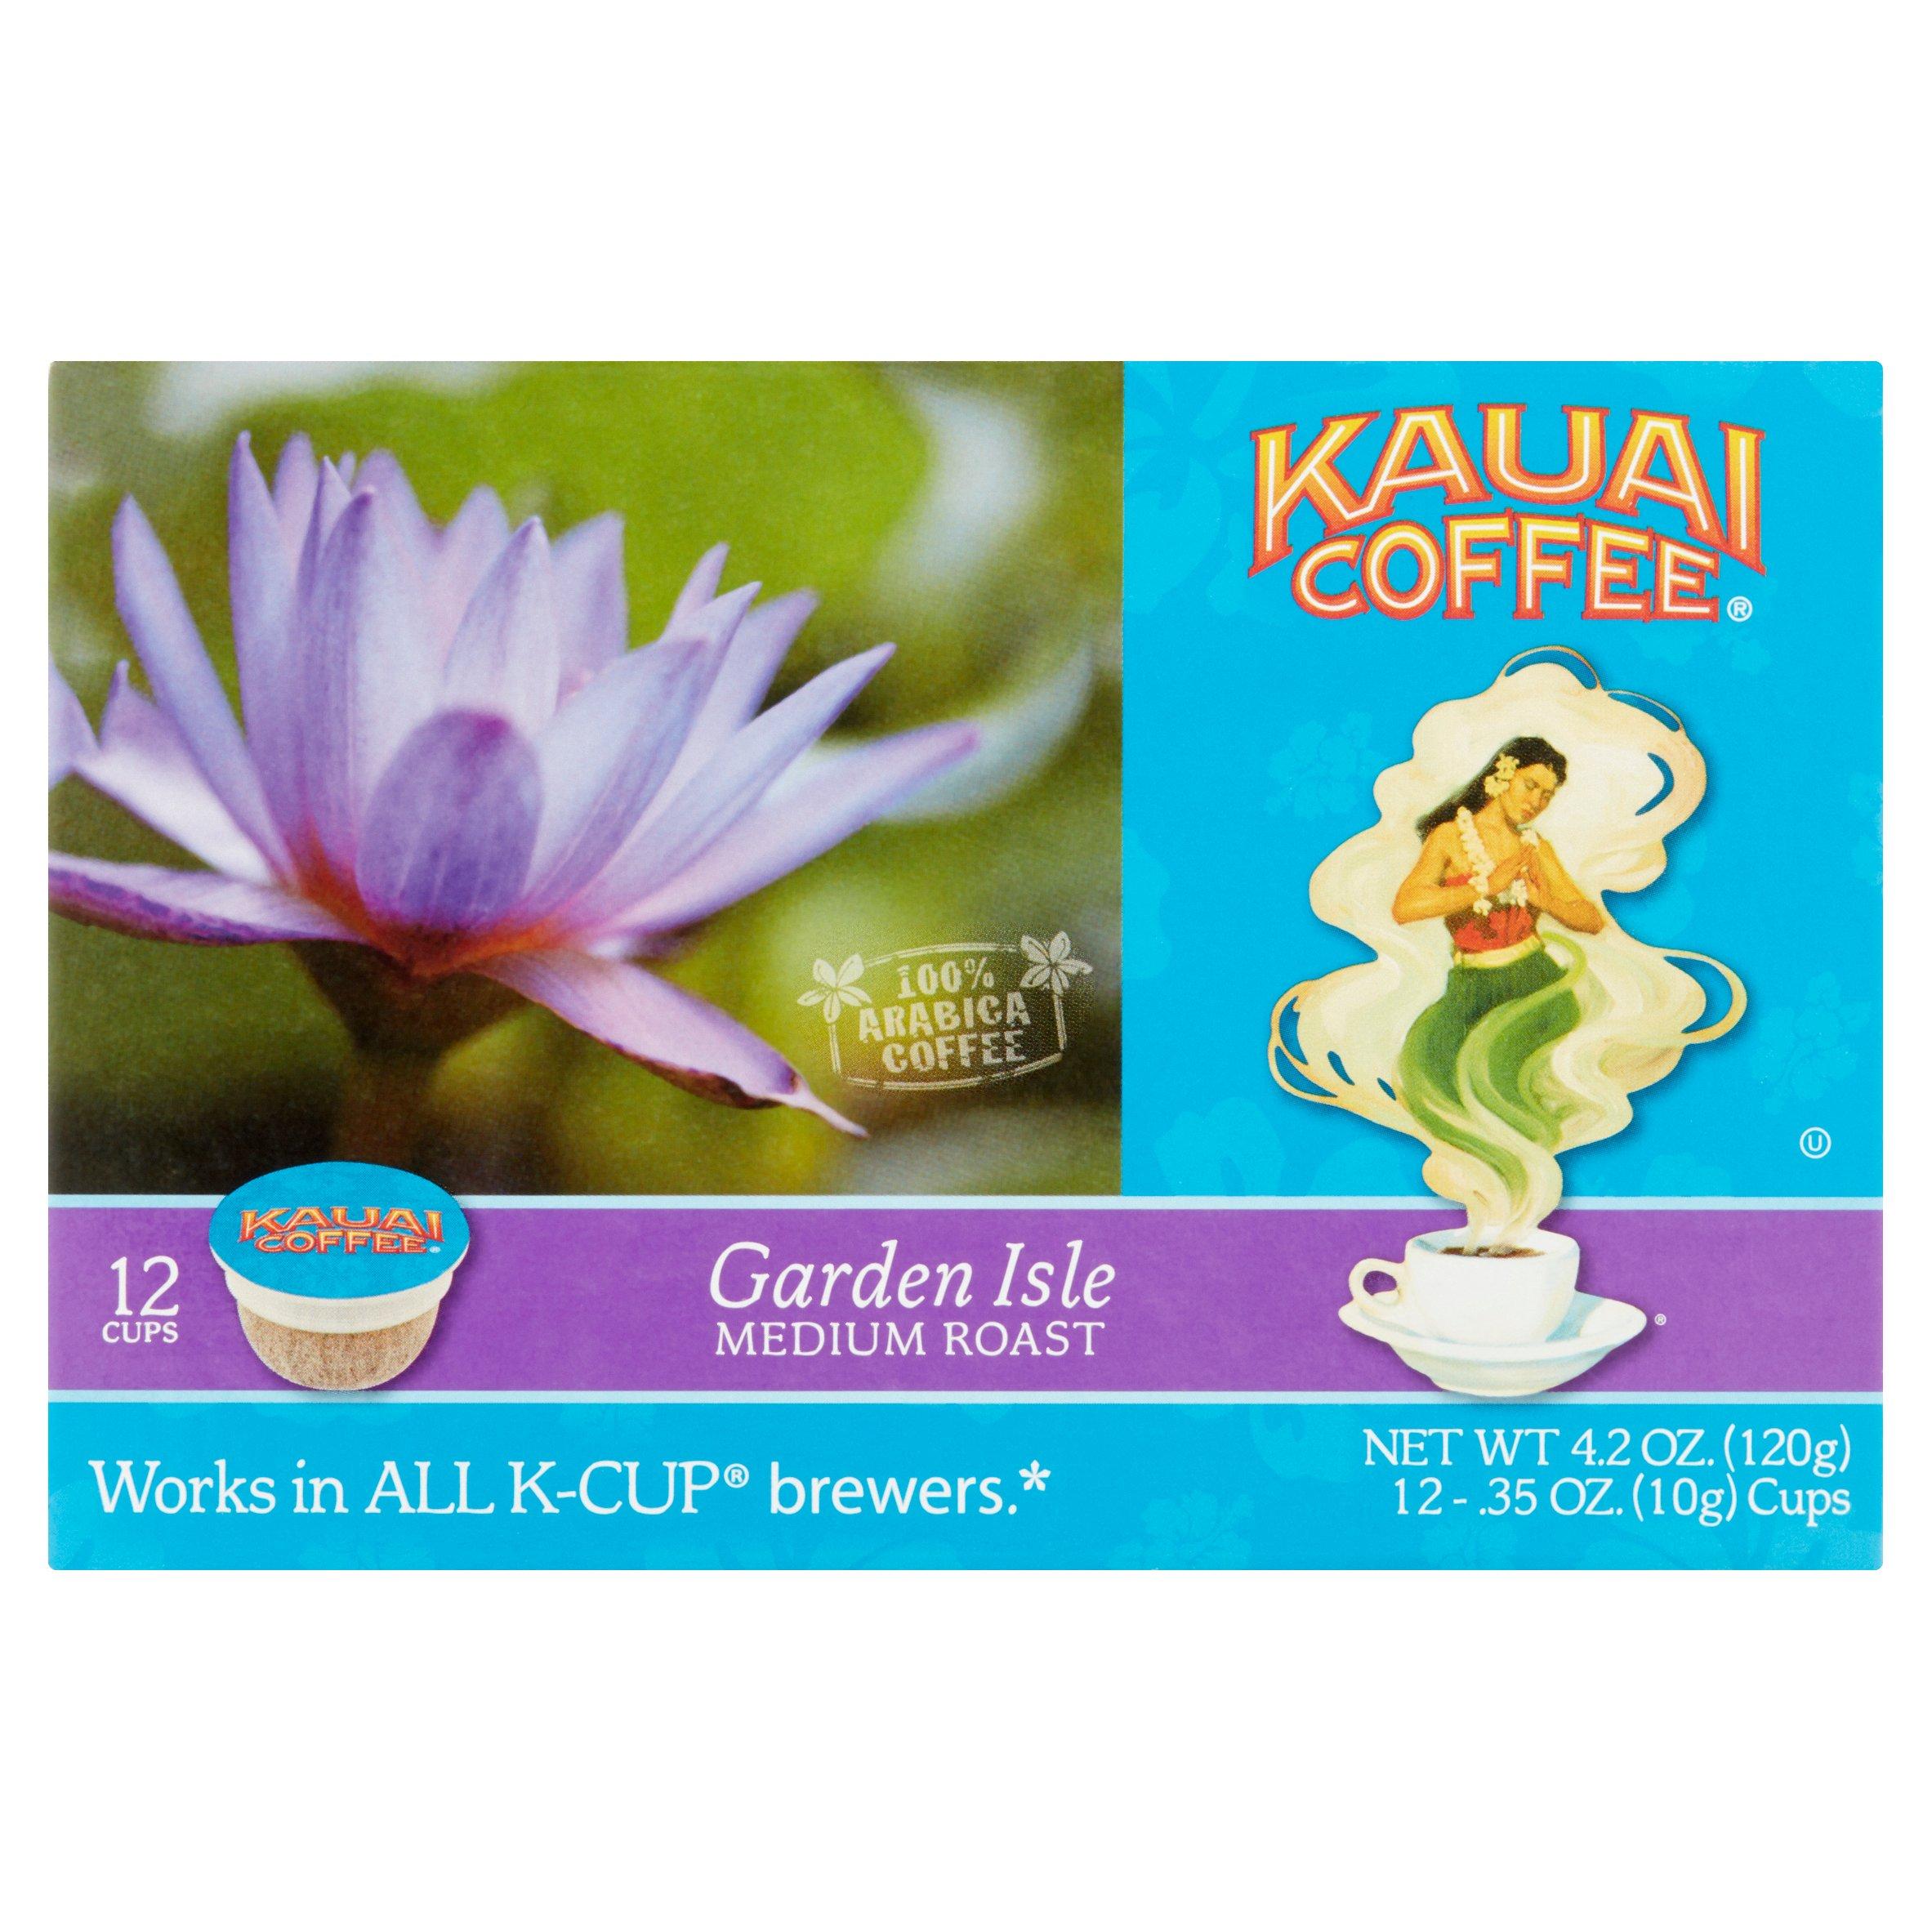 Kauai Coffee Garden Isle Hawaiian K-Cup Coffee Pods, Medium Roast, 12 Count Box